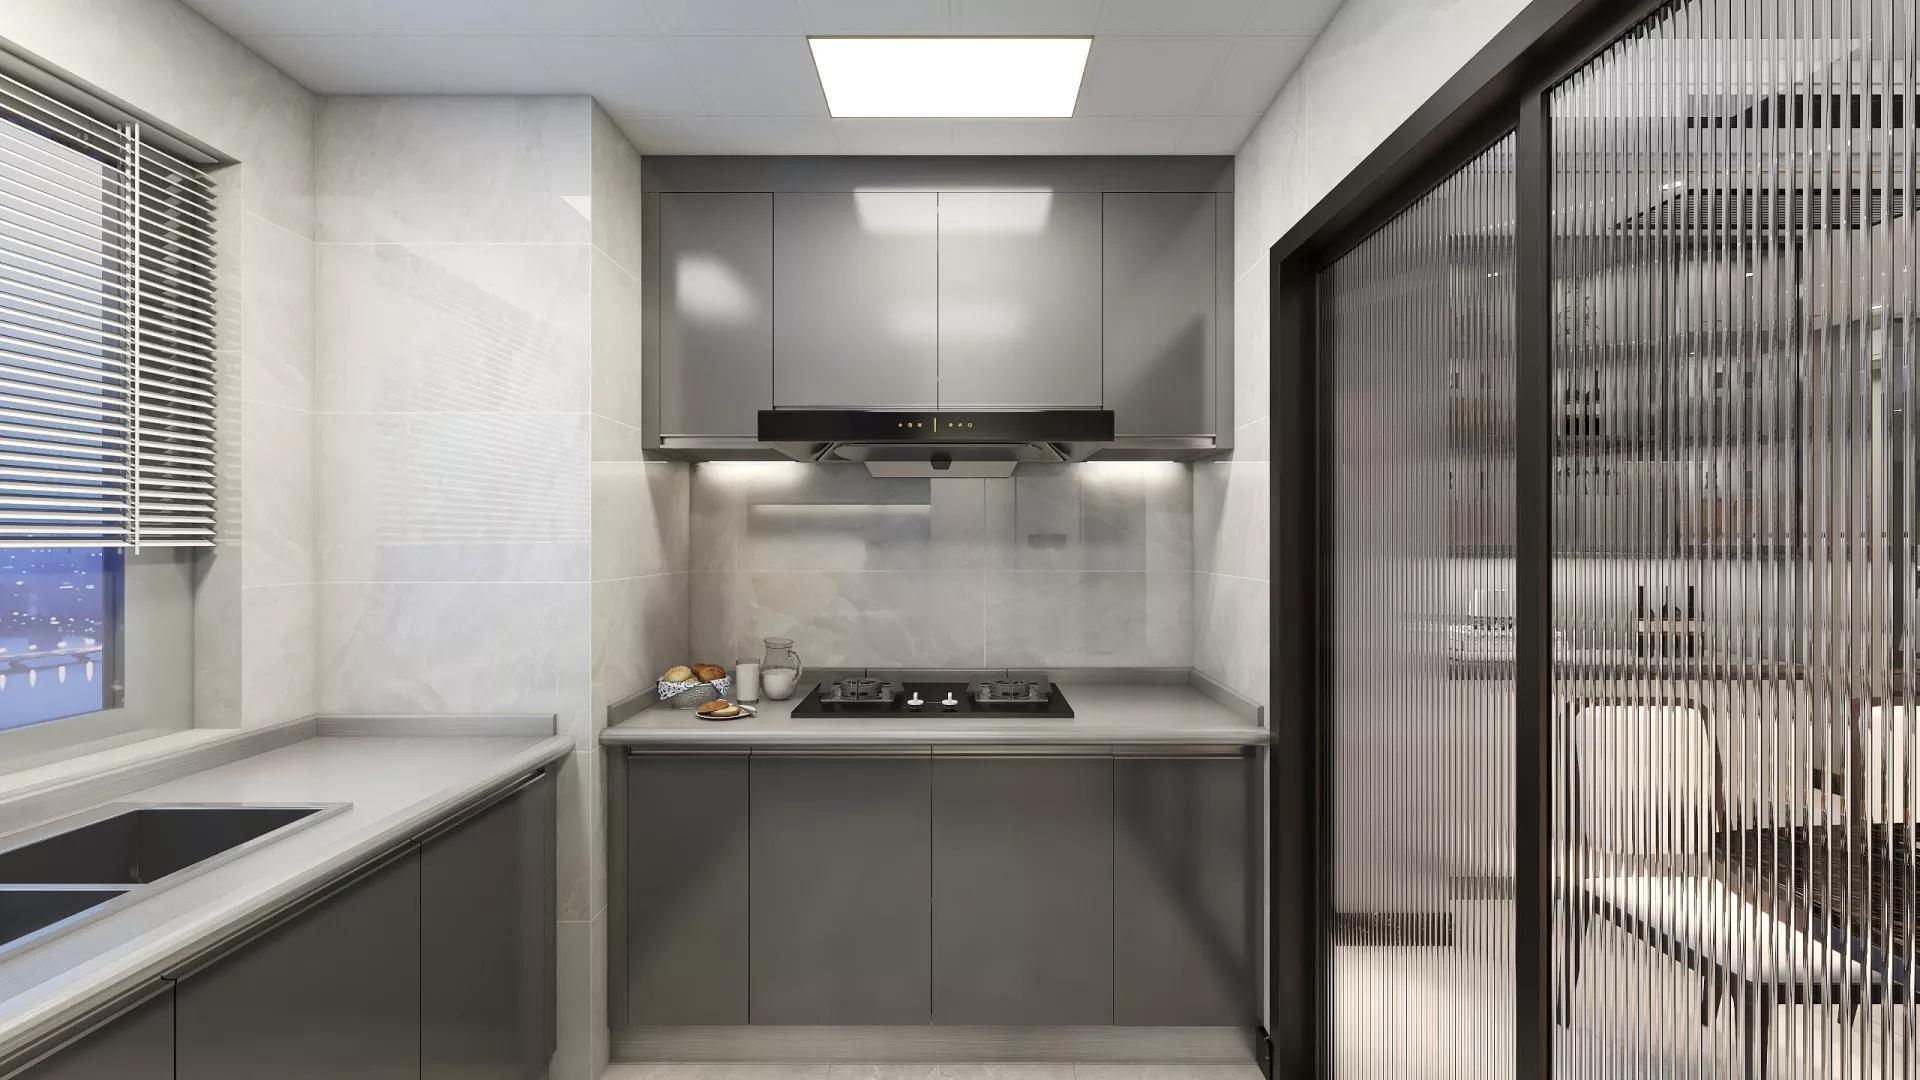 开放式厨房风水禁忌 开放式厨房效果图